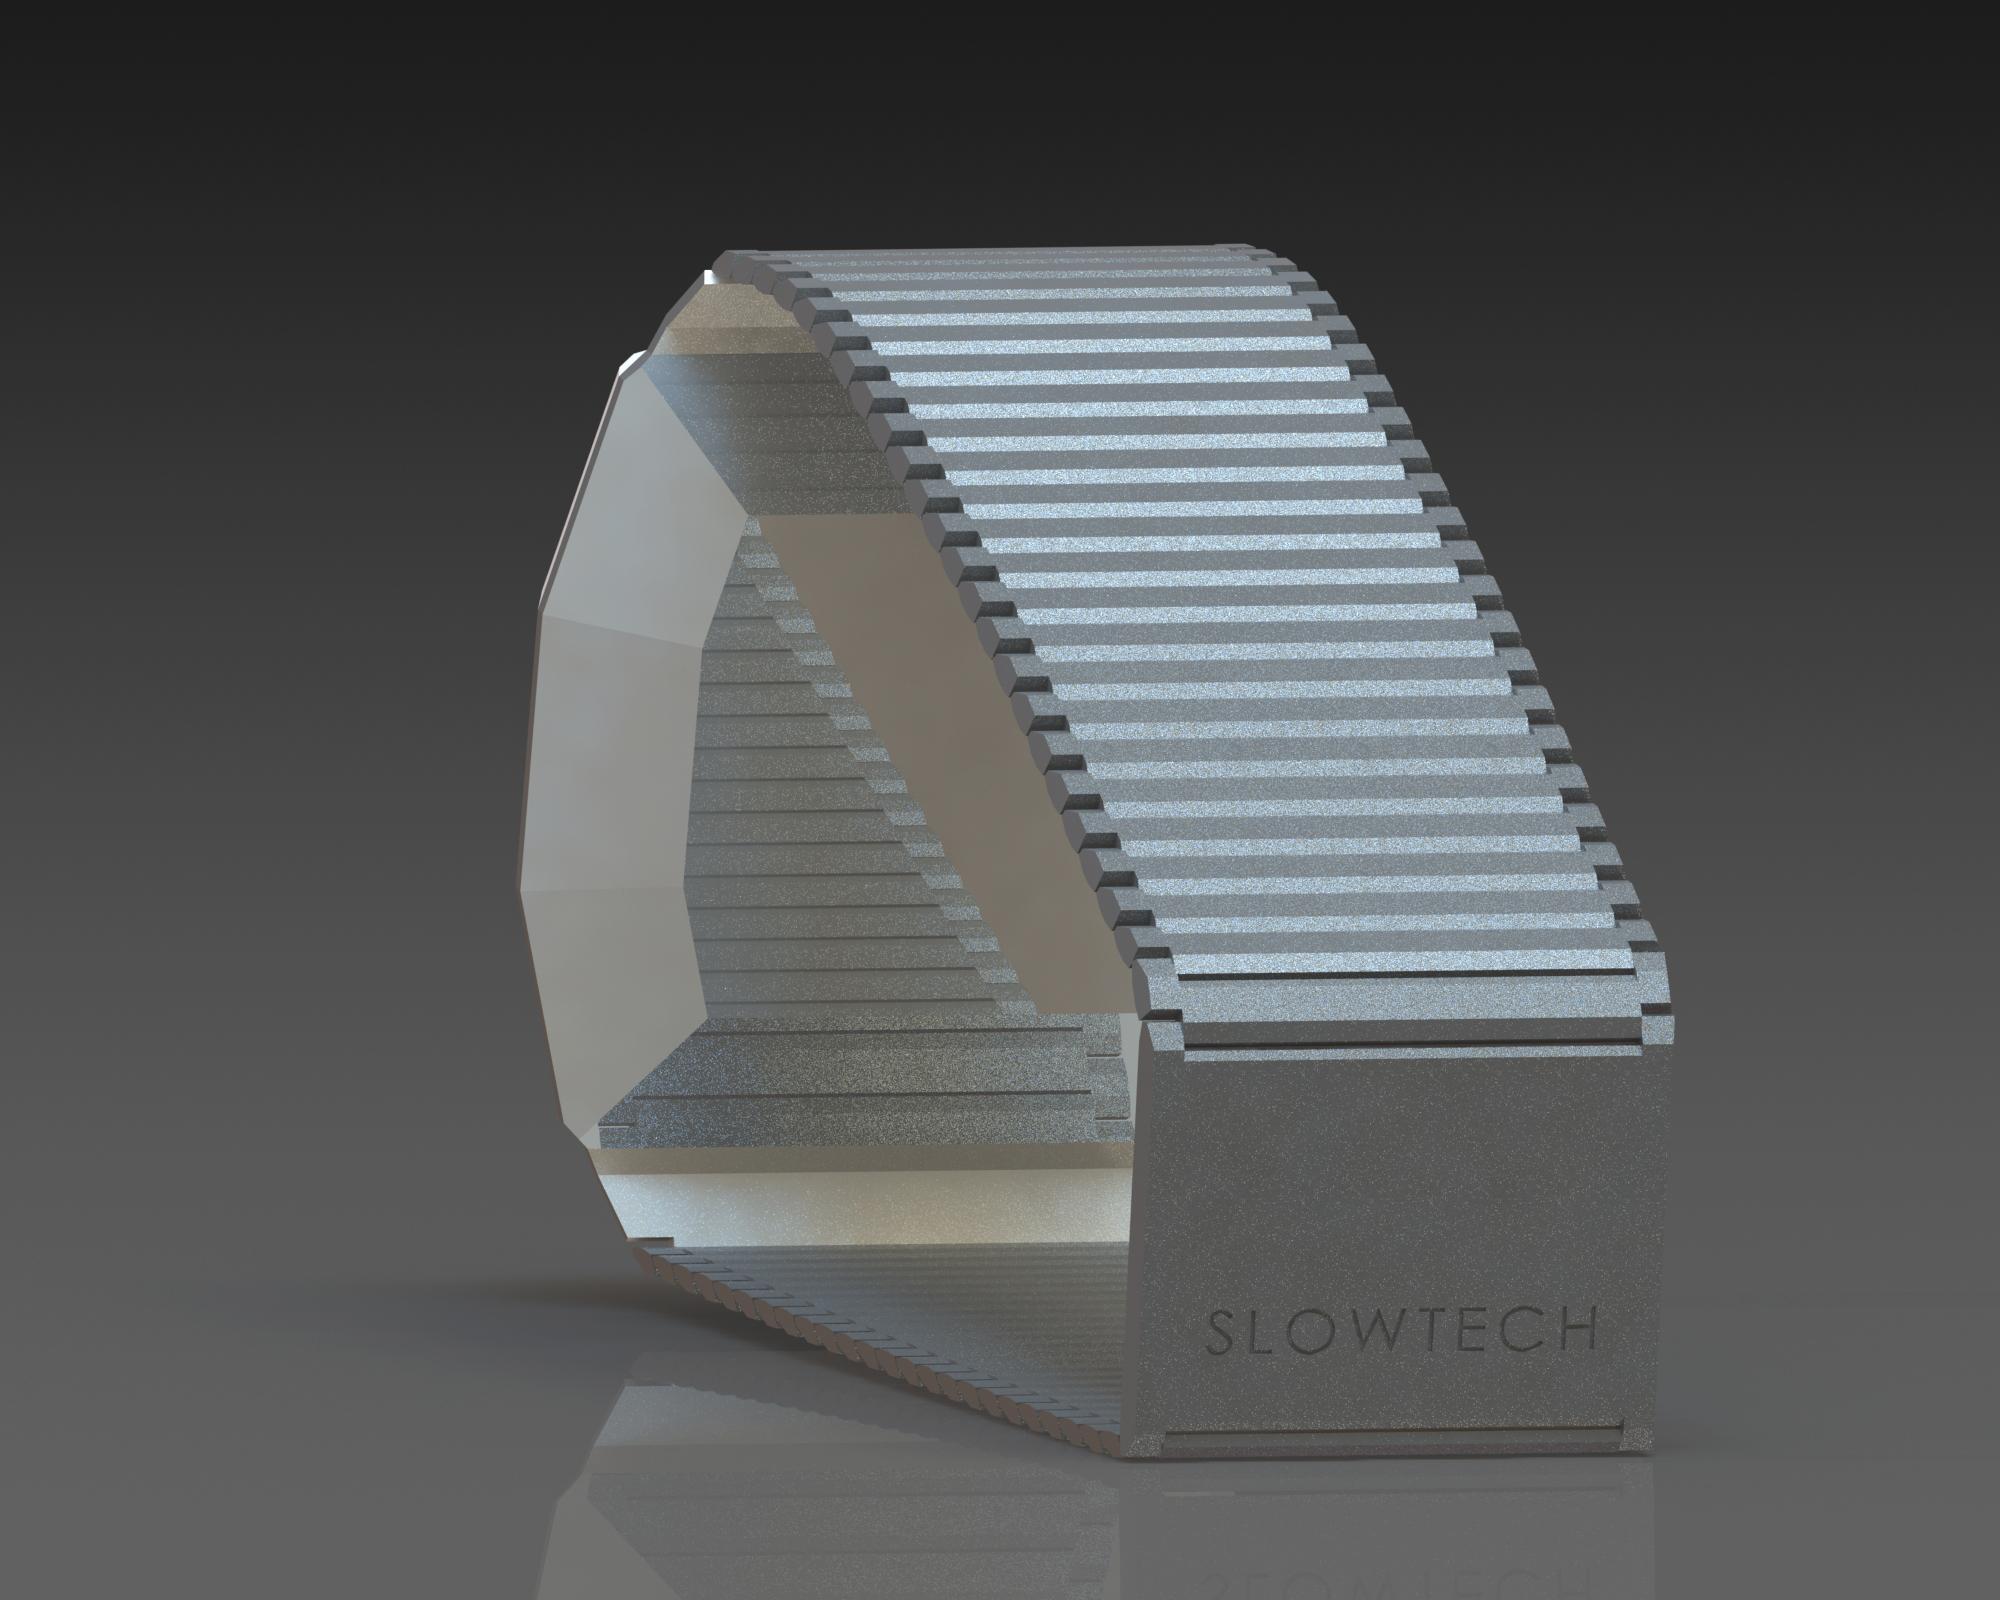 Wristwatch render in CAD, Slowtech by Sebastian Galo